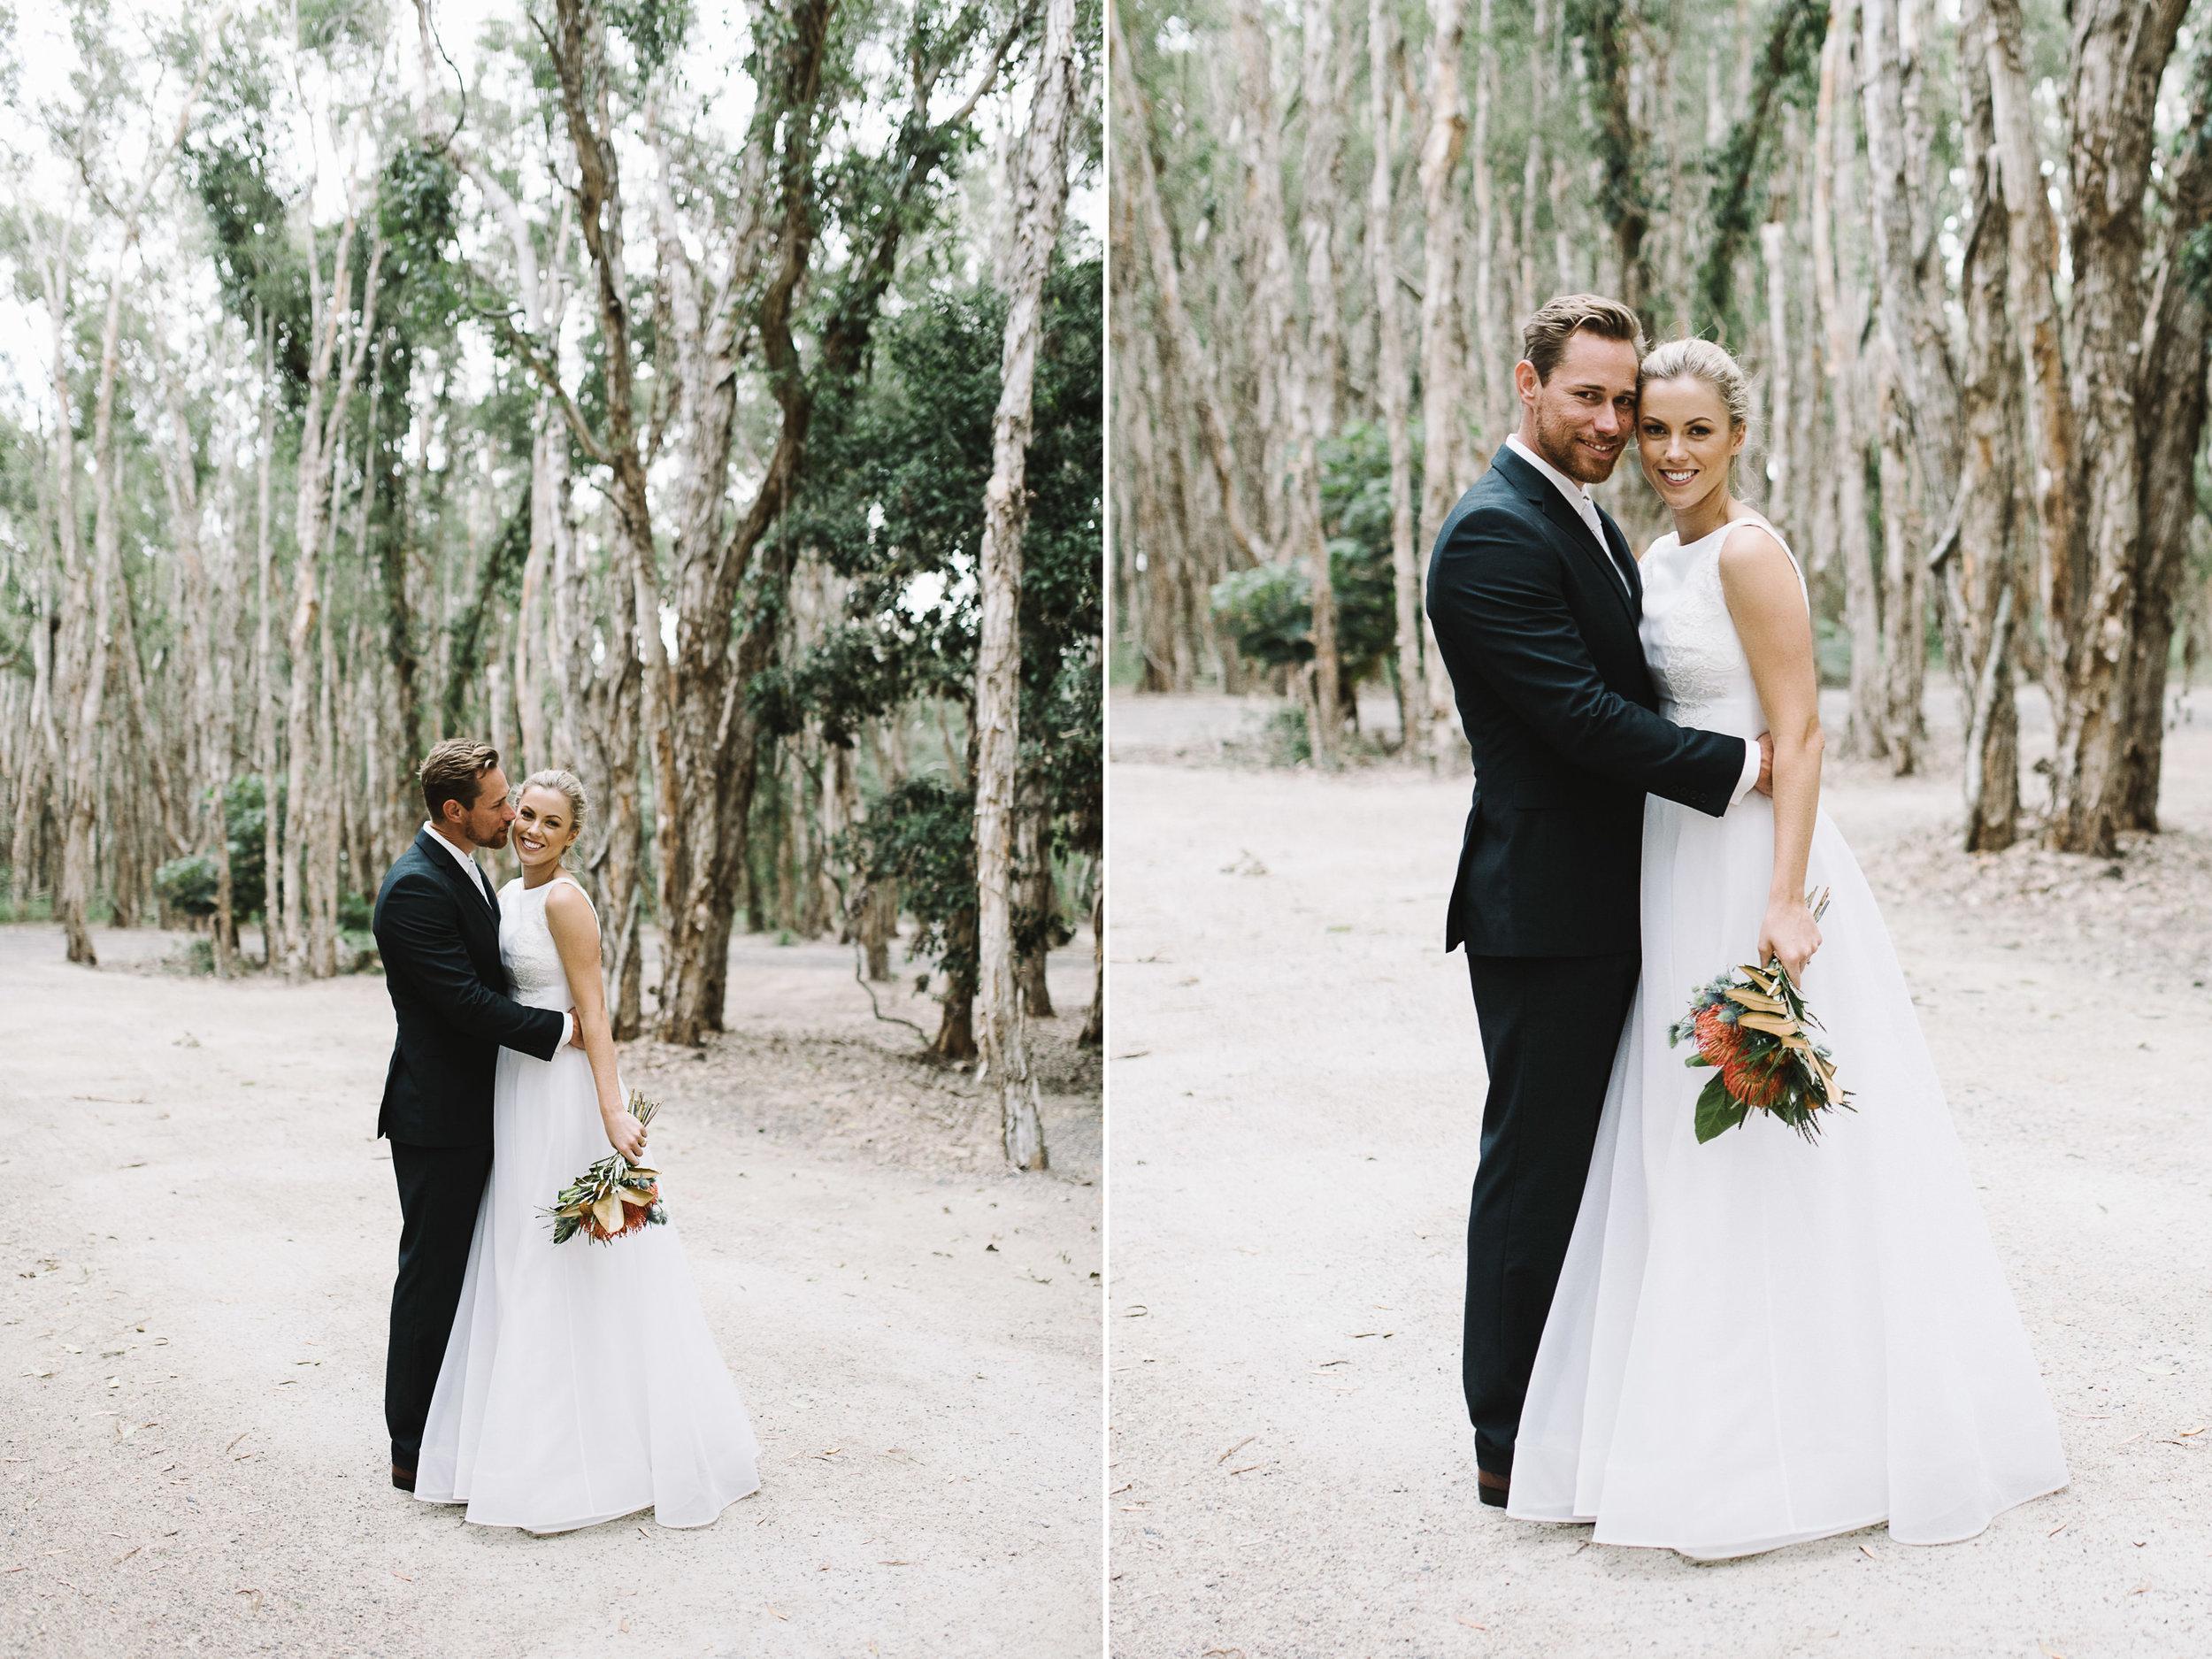 wedding-photography-brisbane-sandstone-point-hotel-bribie-island-18.jpg